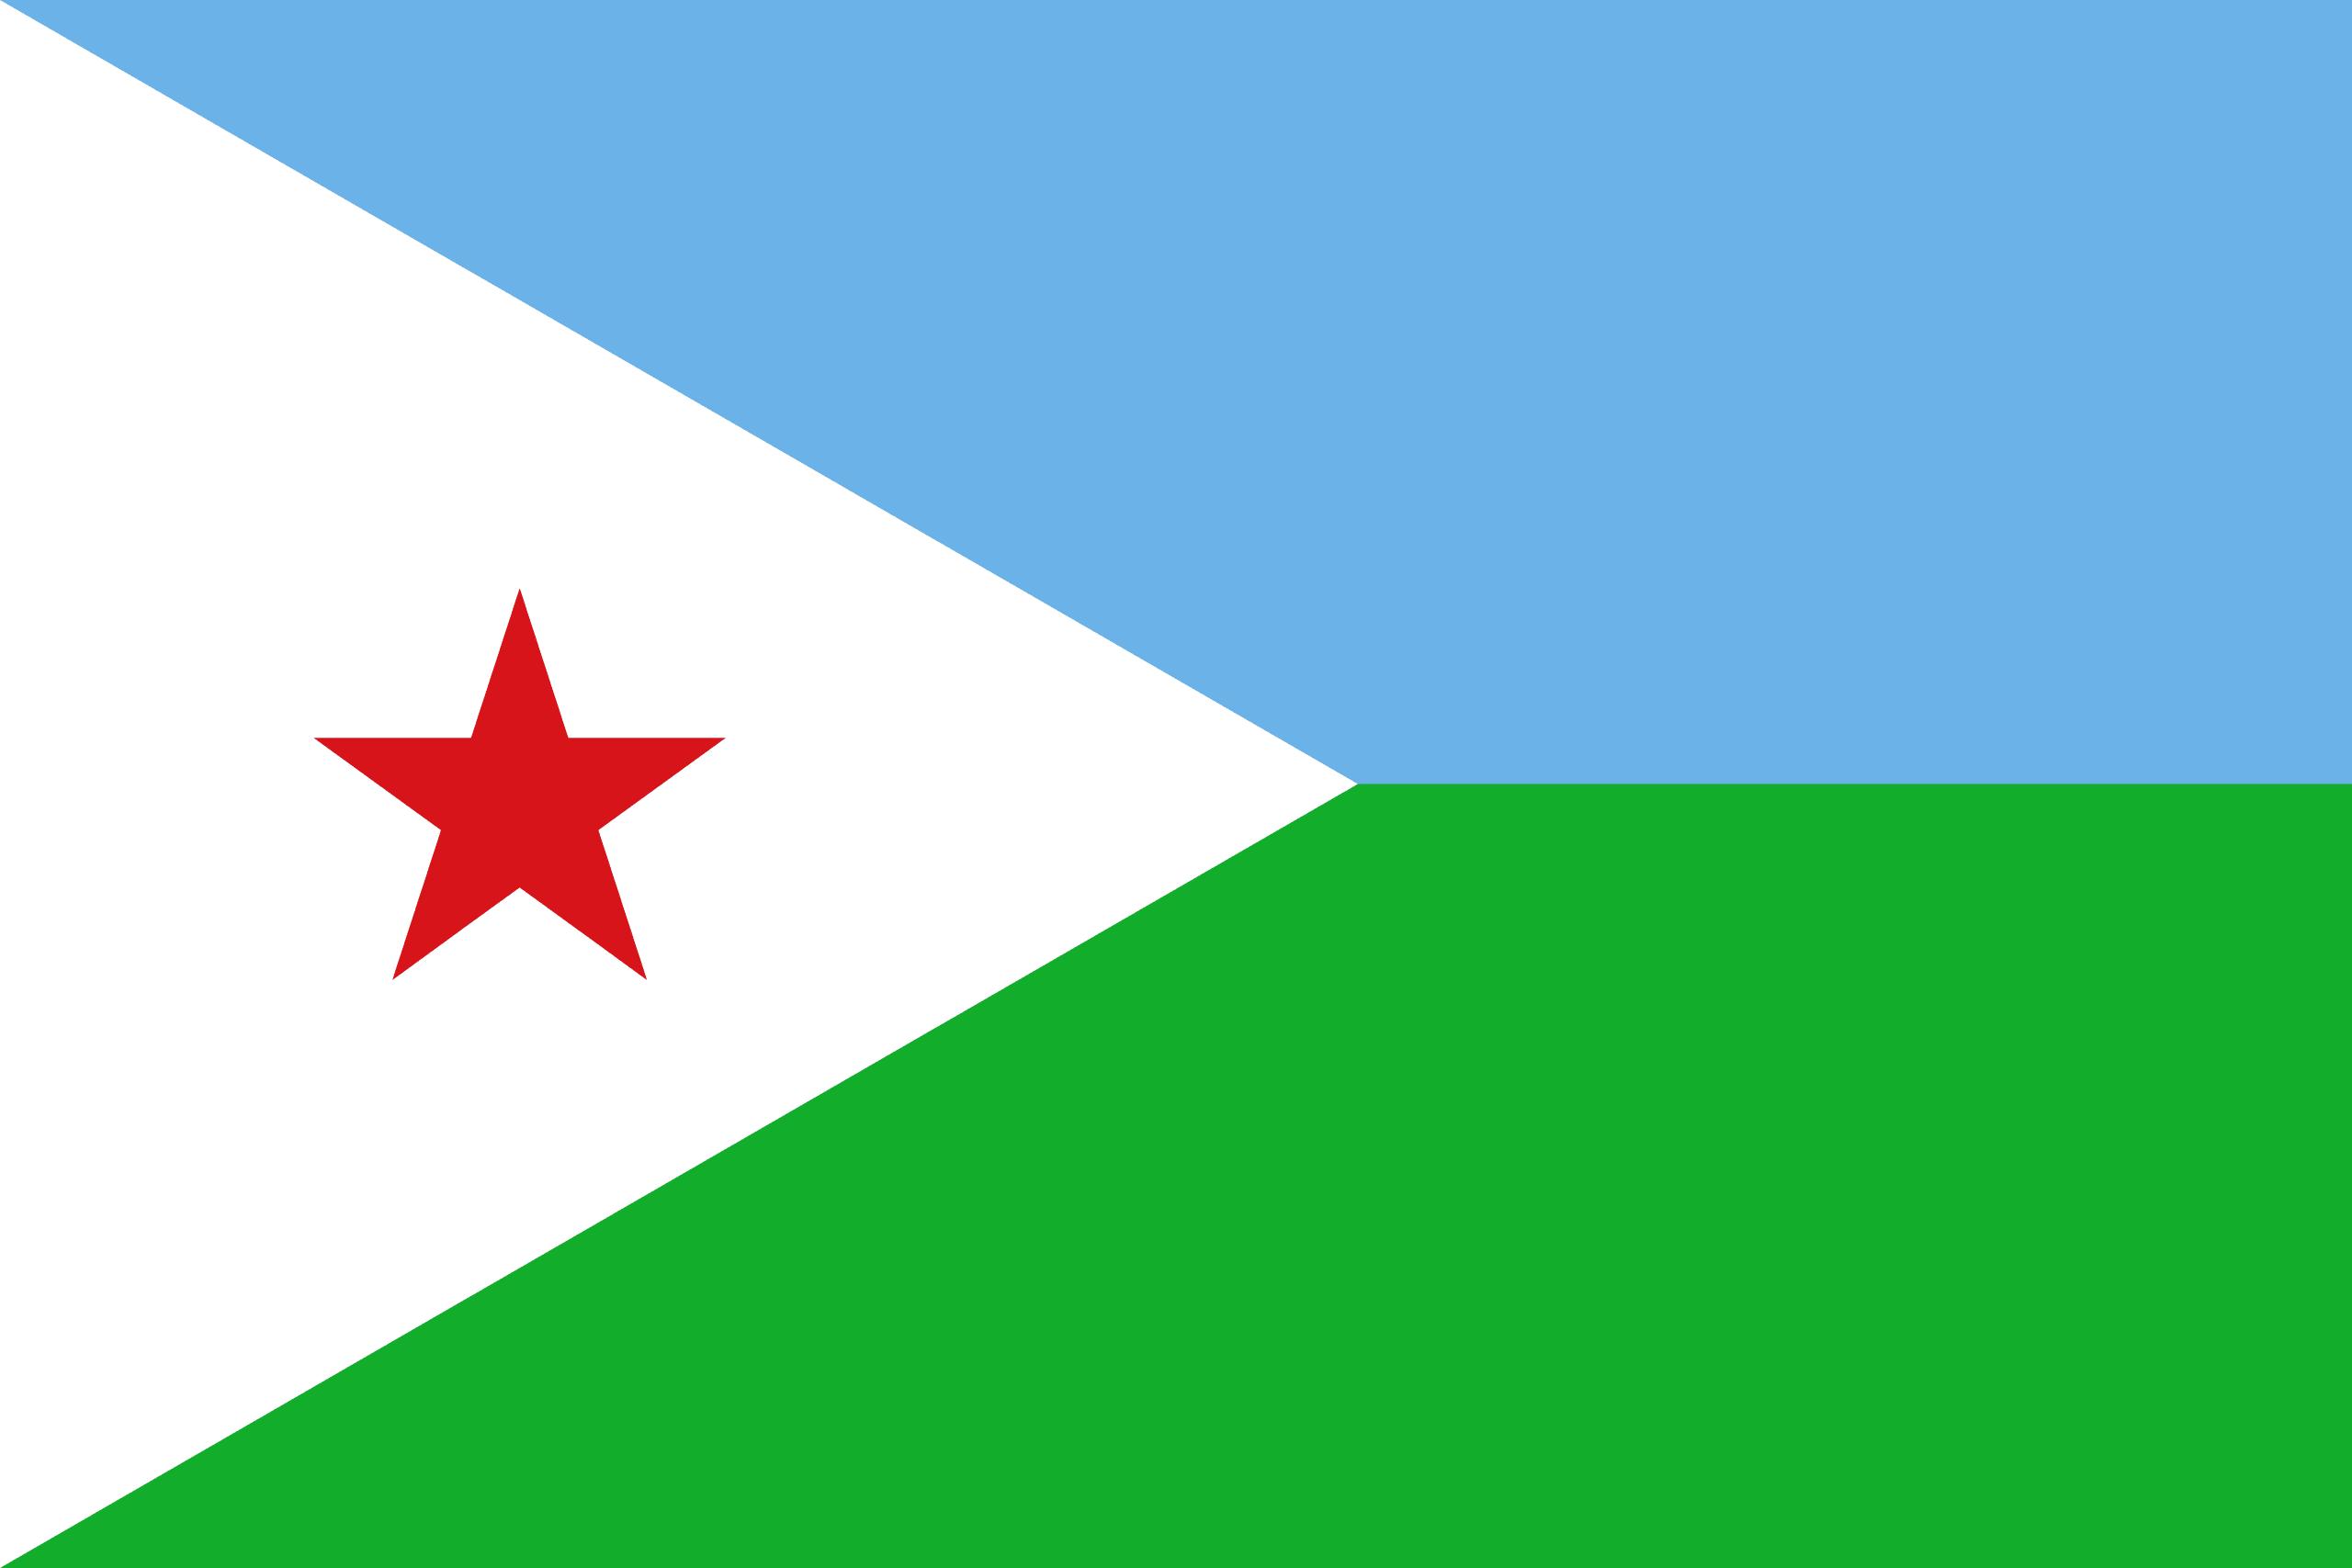 Σημαία Τζιμπουτί